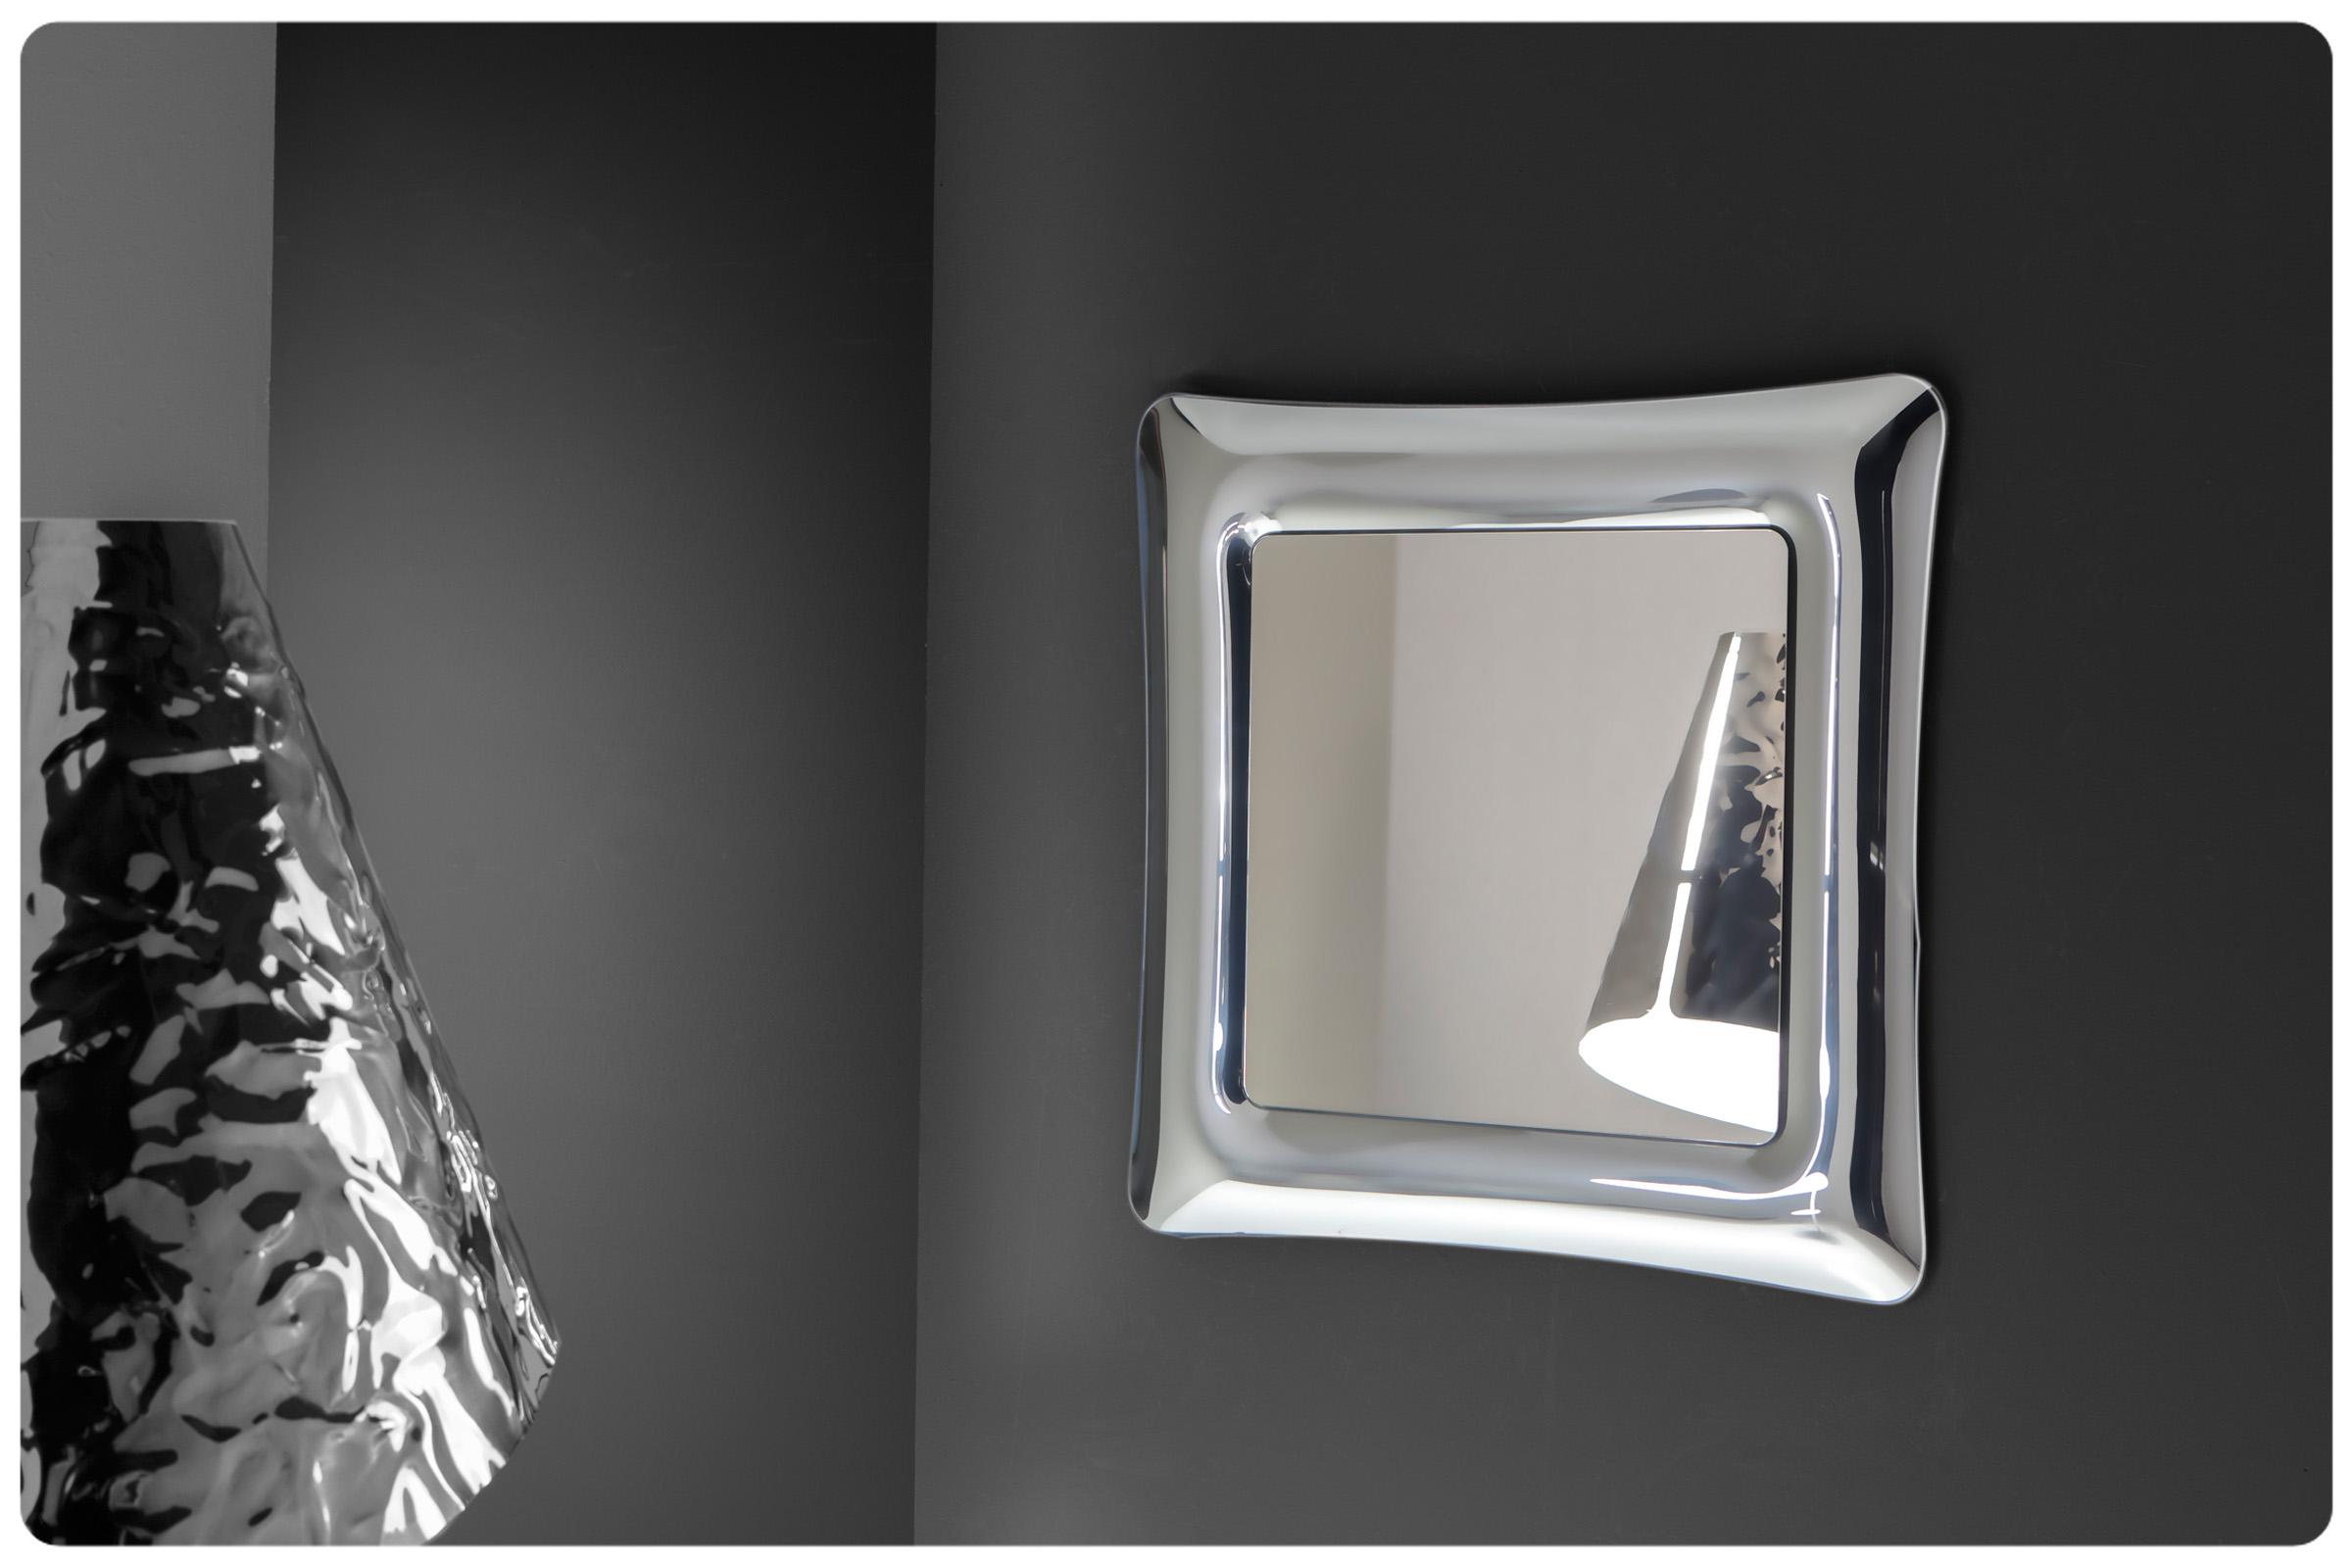 Specchi tavoli sedie consolle classici e moderni milano monza e brianza - Specchi per soggiorno ...